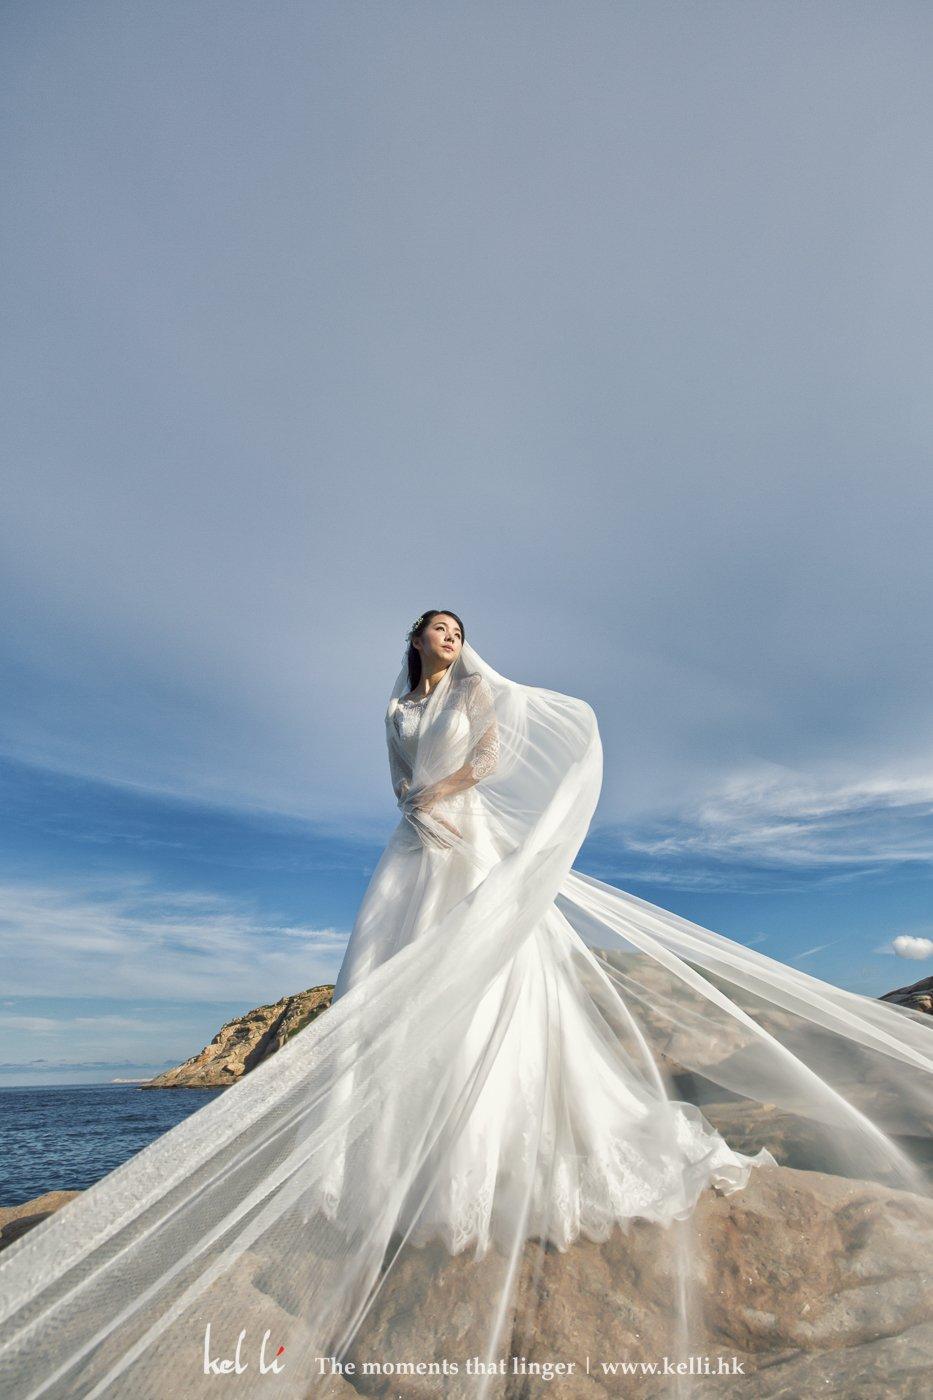 飞纱的婚纱照